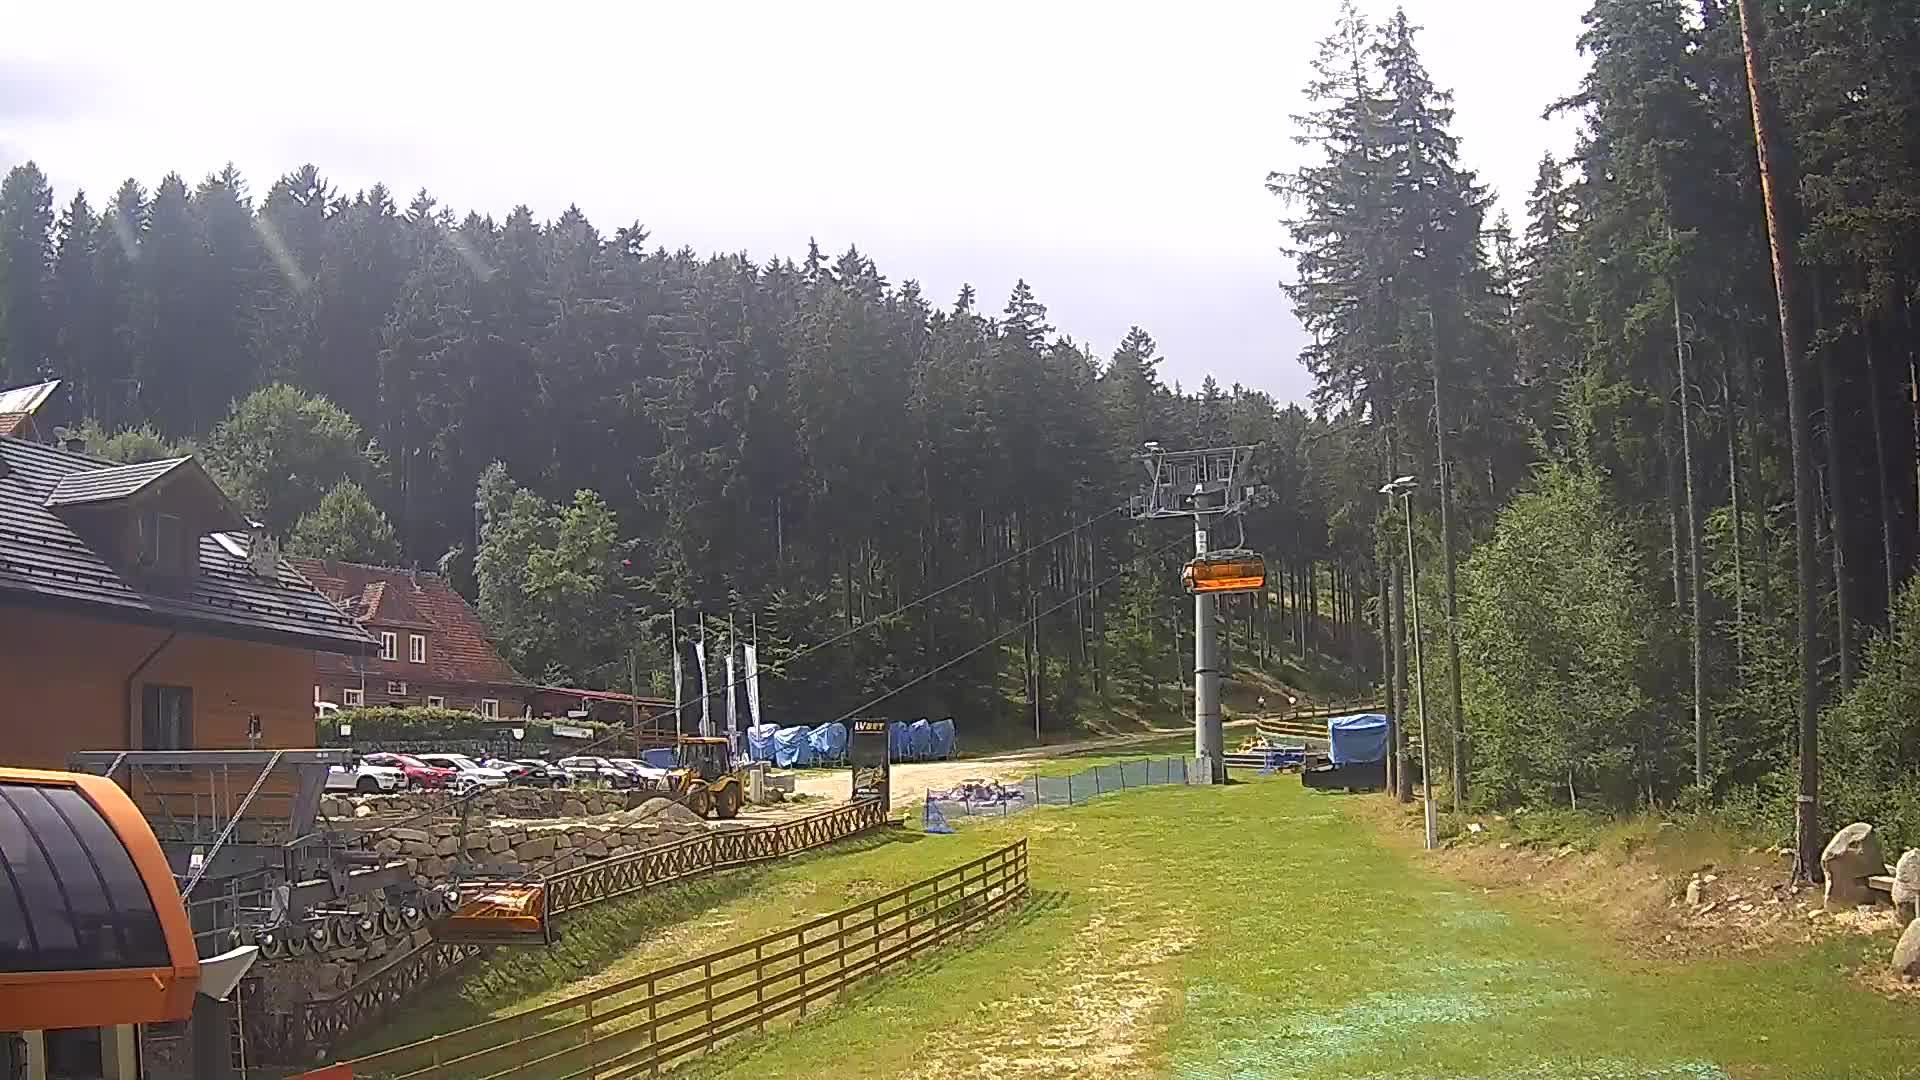 Webcam Ski Resort Karpacz Bialy Jar Station - Giant Mountains